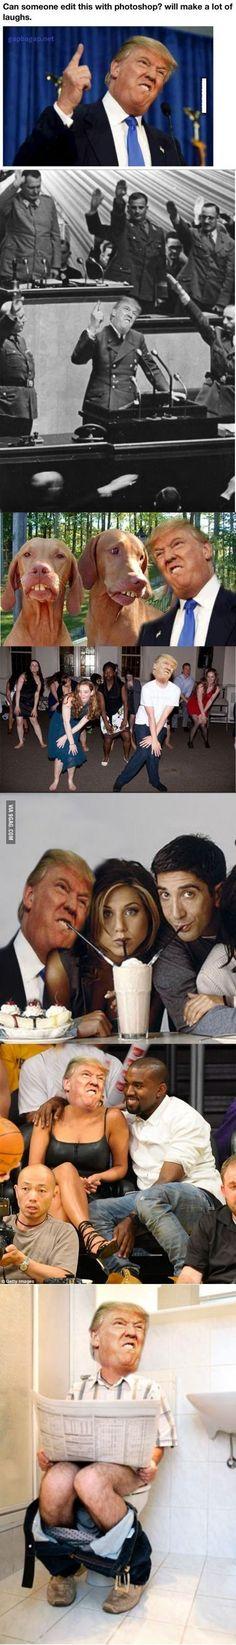 That last pic was sooo offensive because trump goes to the bathroom unlike meeeeee